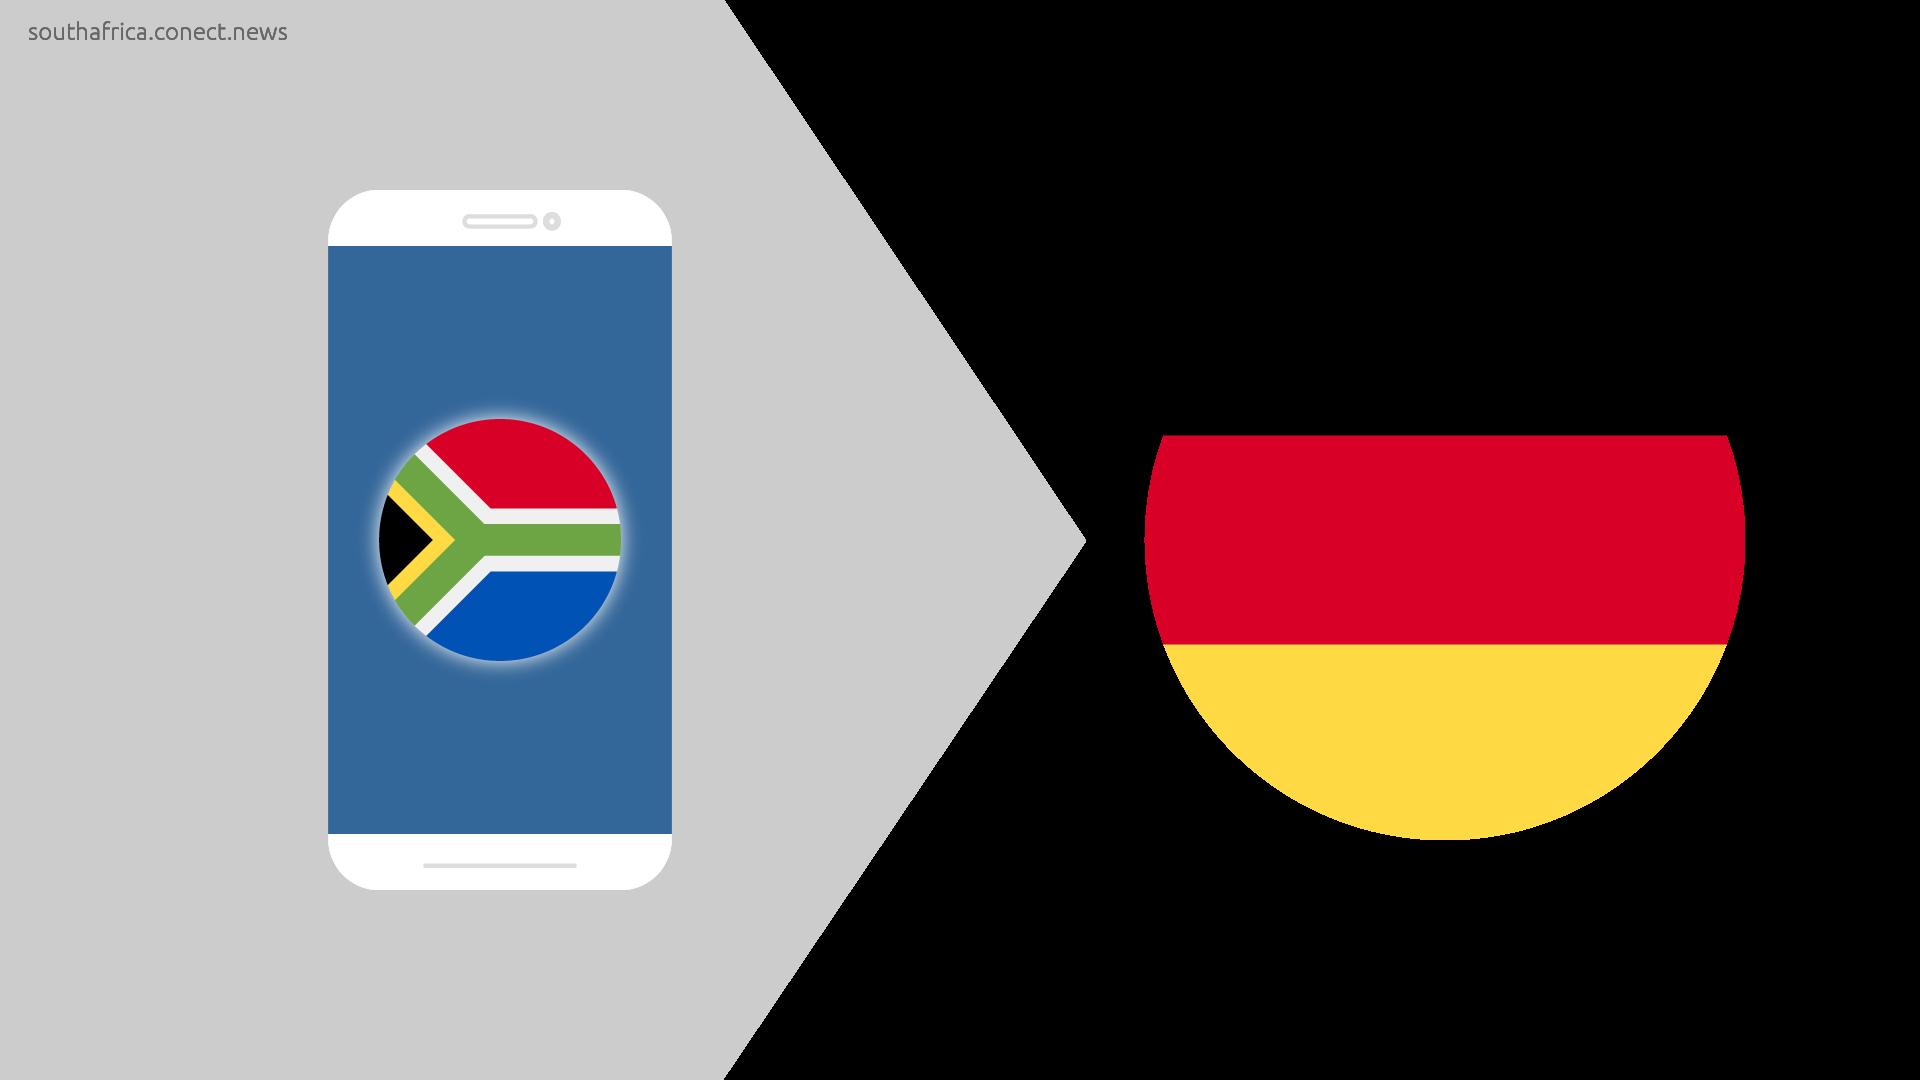 Südafrika-deutschland @conect_news